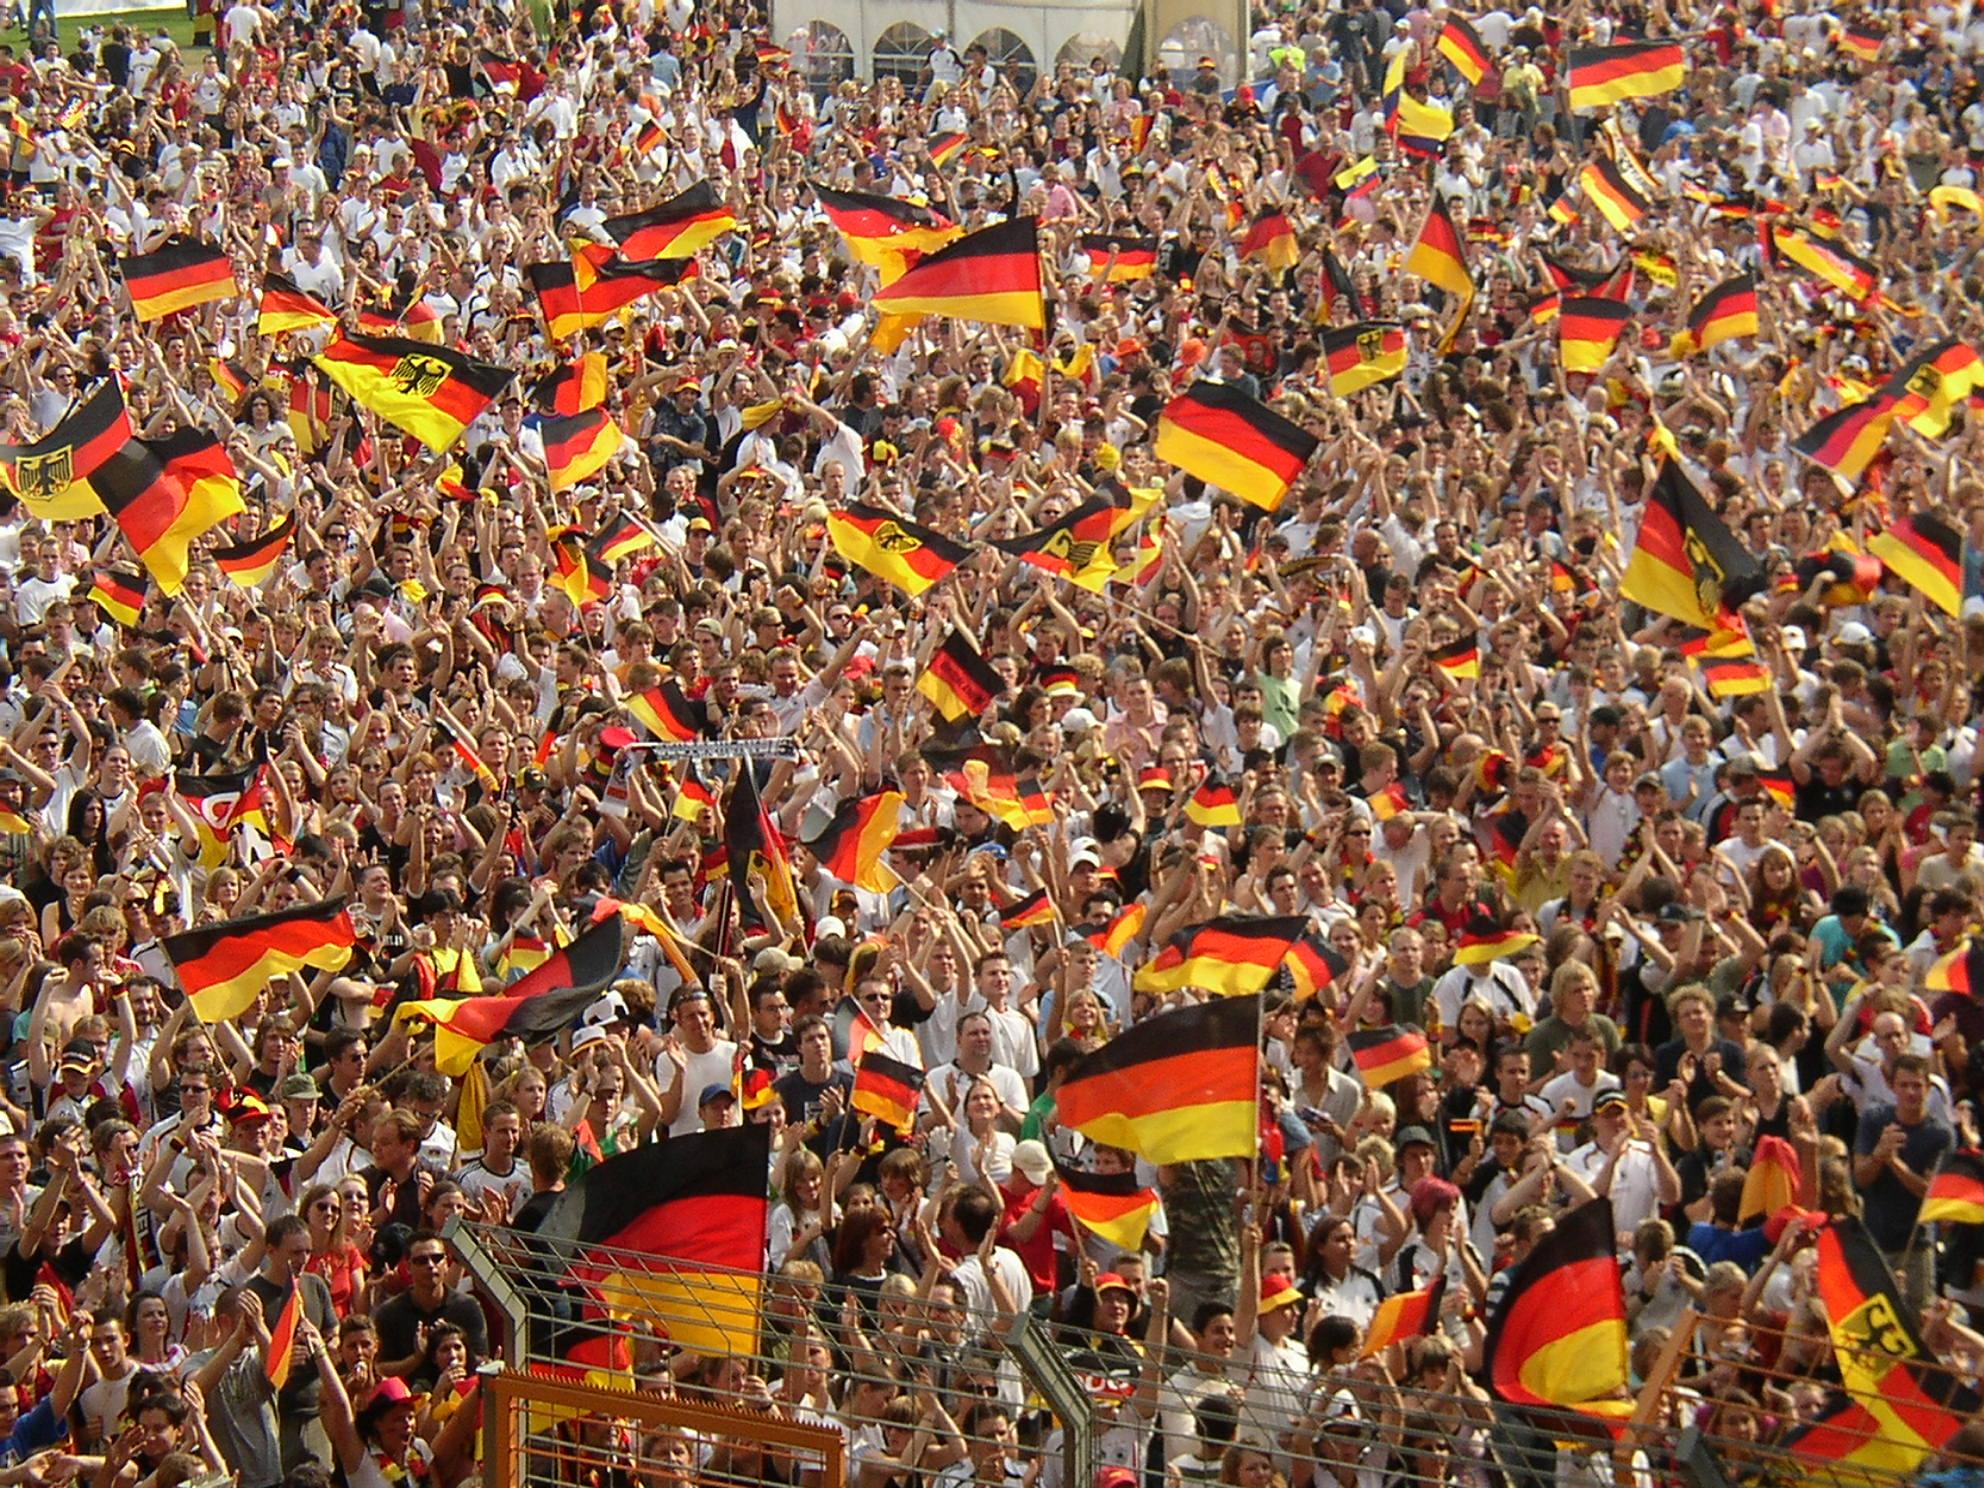 Zu bejubeln gäb's für die Fans nix - wenn's nach den Bildungsausgaben ginge. Foto (vom World-Cup 2006): Arne Müseler / www.arne-mueseler.de / Wikimedia Commons (CC BY-SA 3.0 DE)